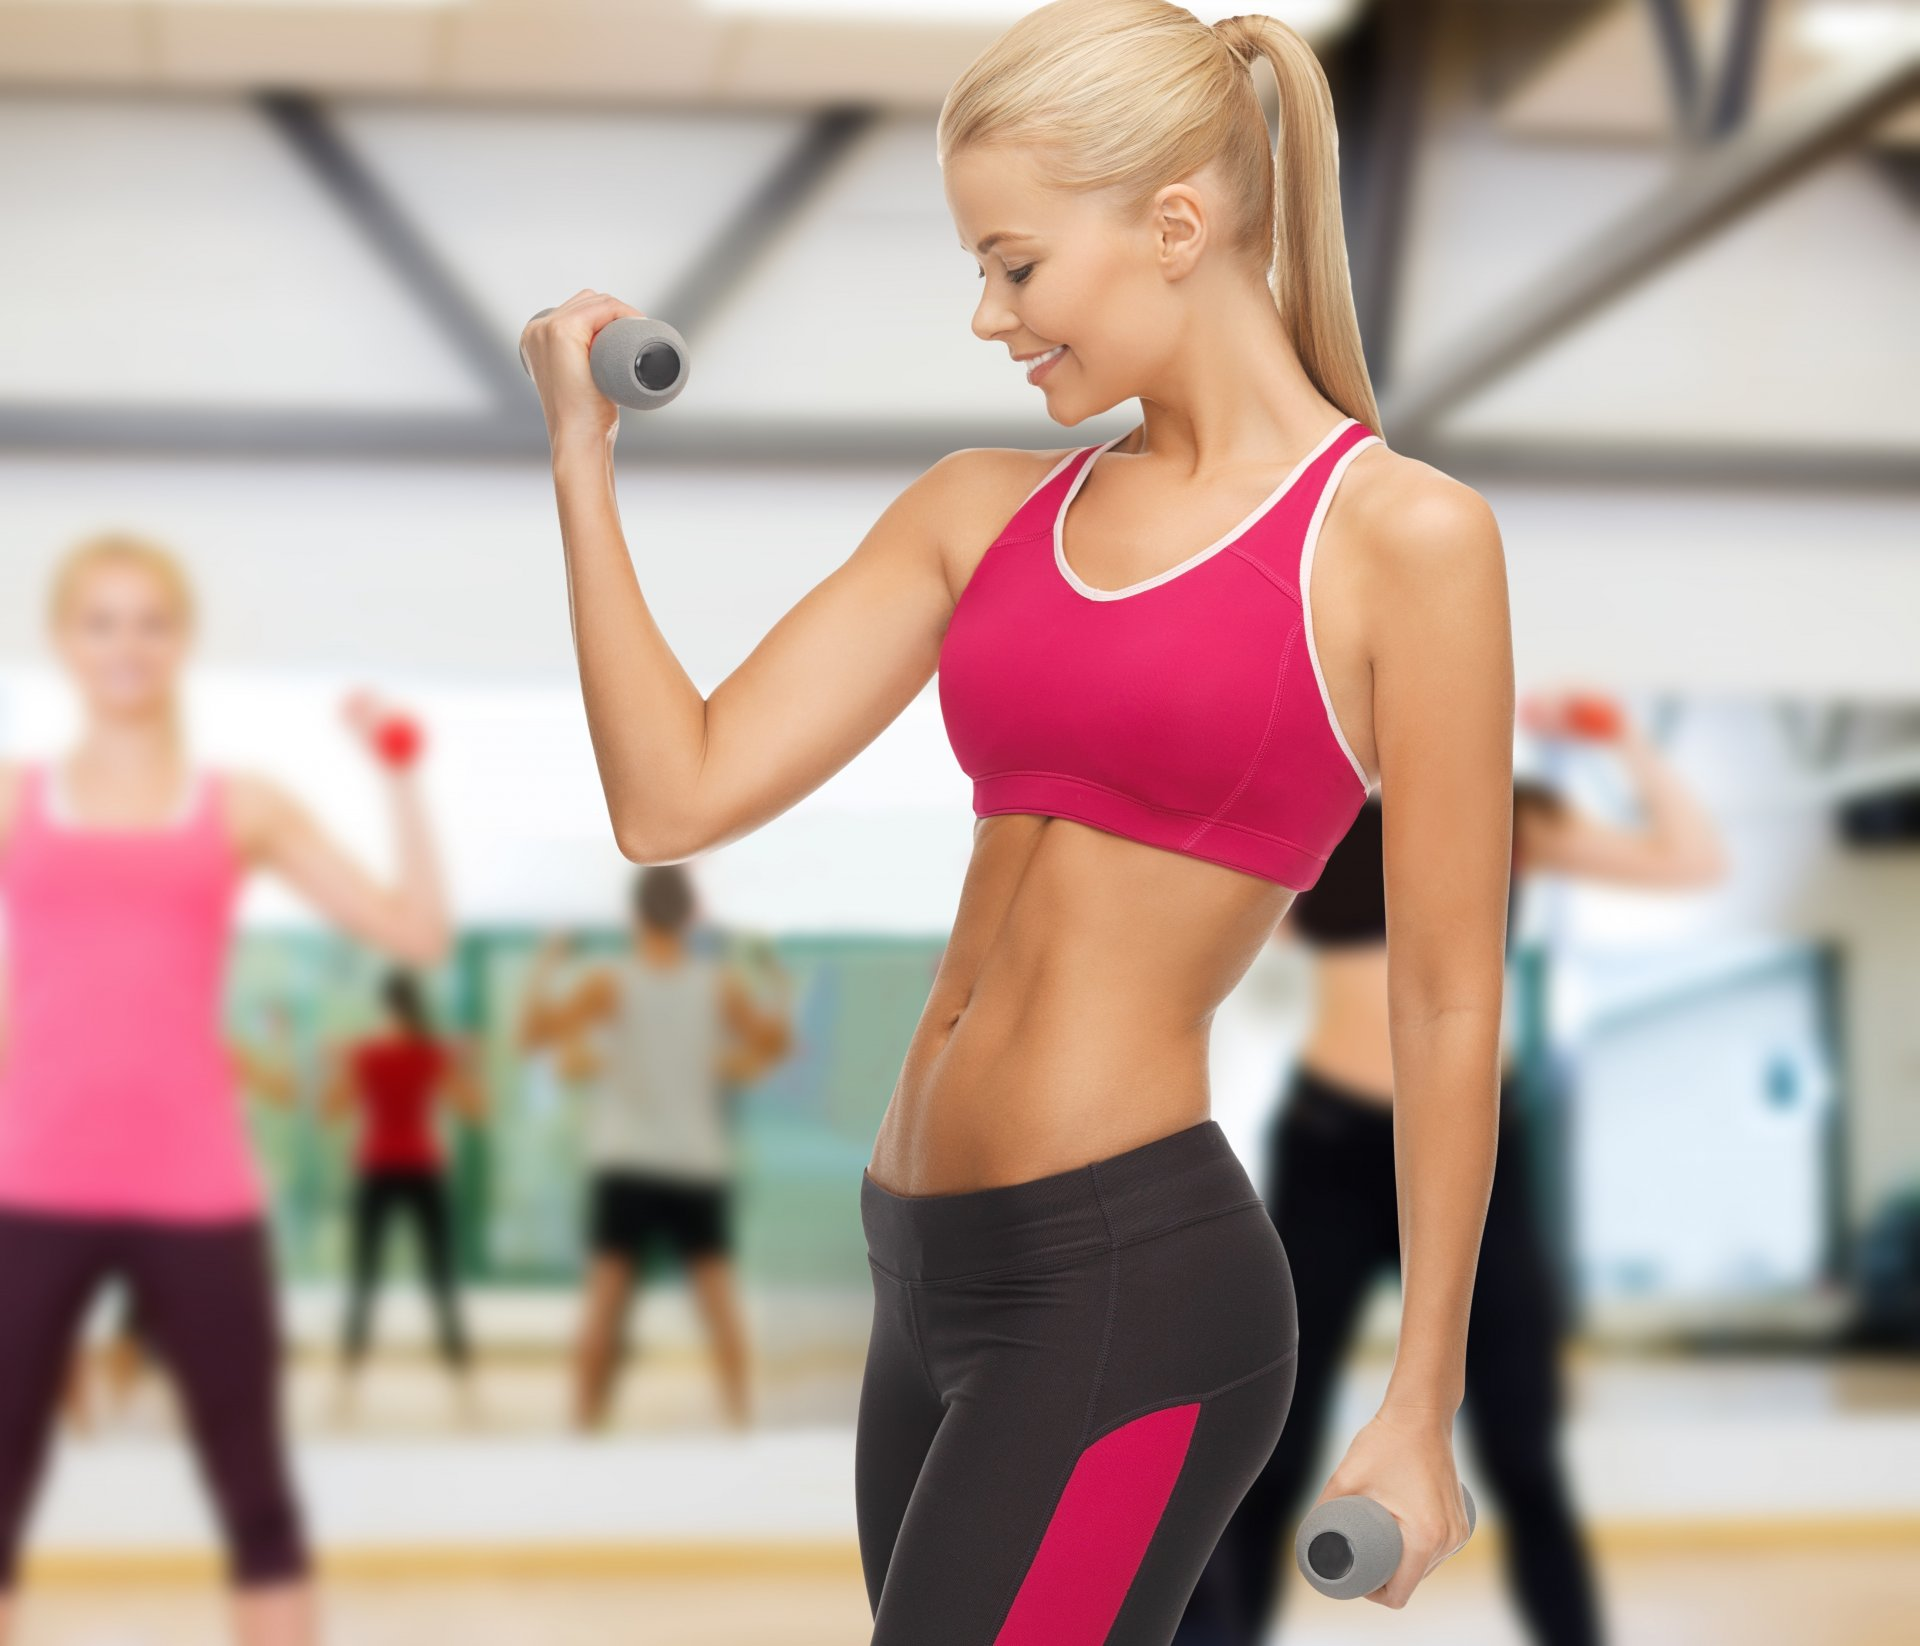 Спорт и фитнес